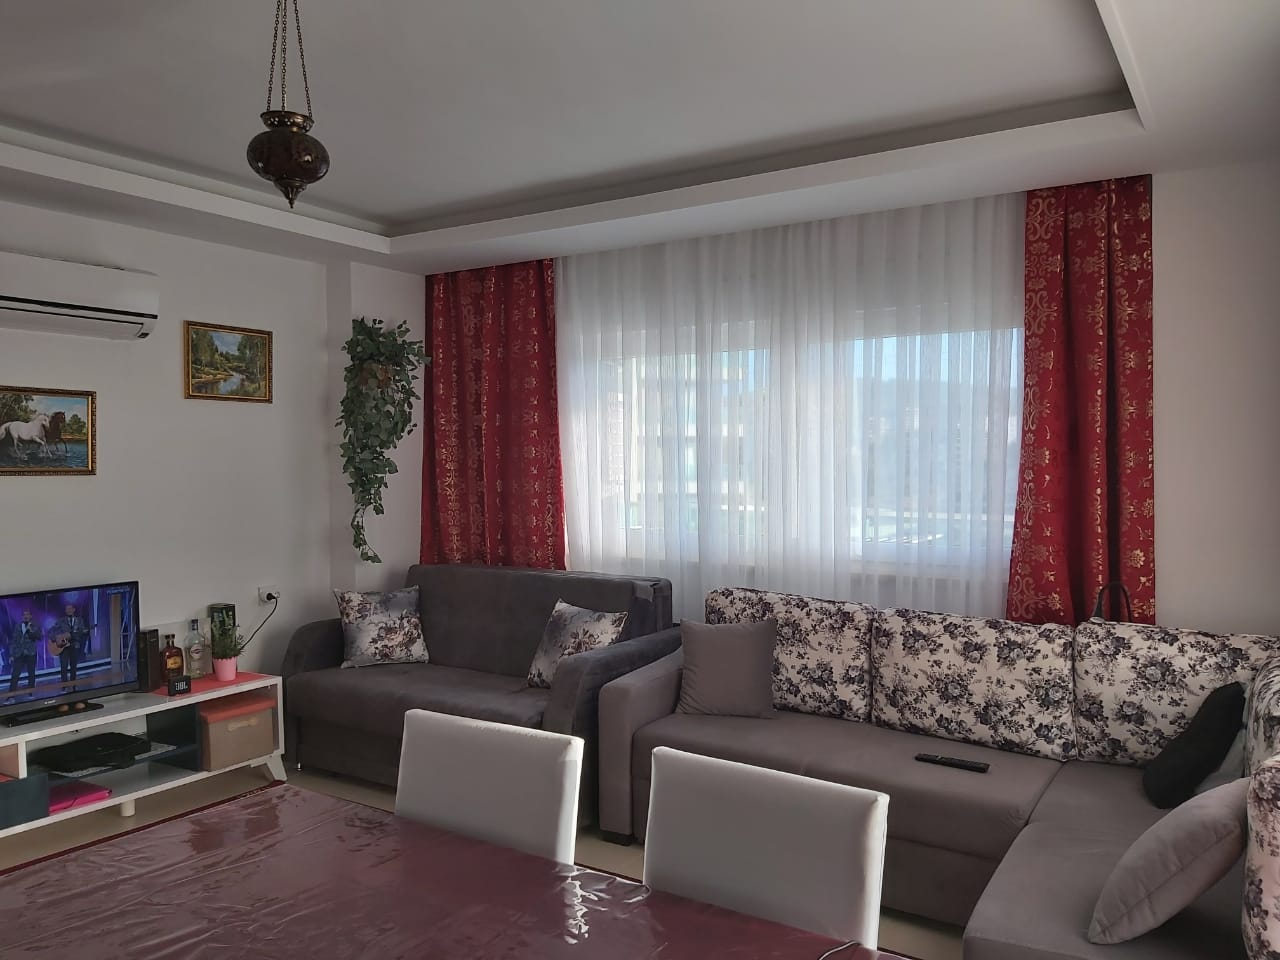 Меблированная квартира 1+1 в районе Авсаллар - Фото 8